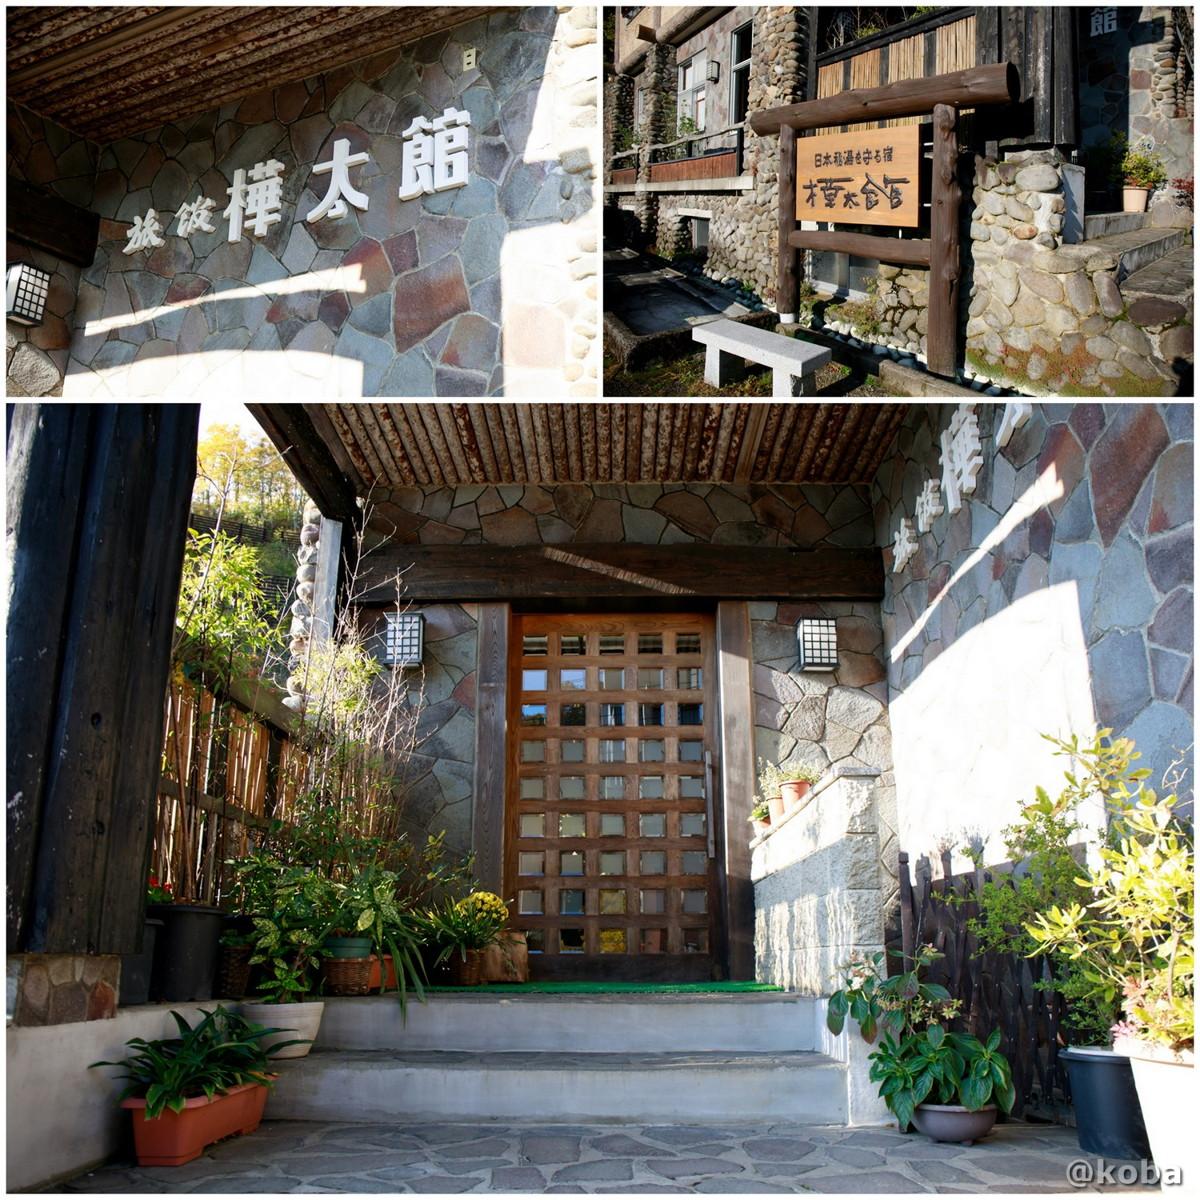 入り口の写真 燕温泉 樺太館(つばめおんせん からふとかん)新潟県 妙高市